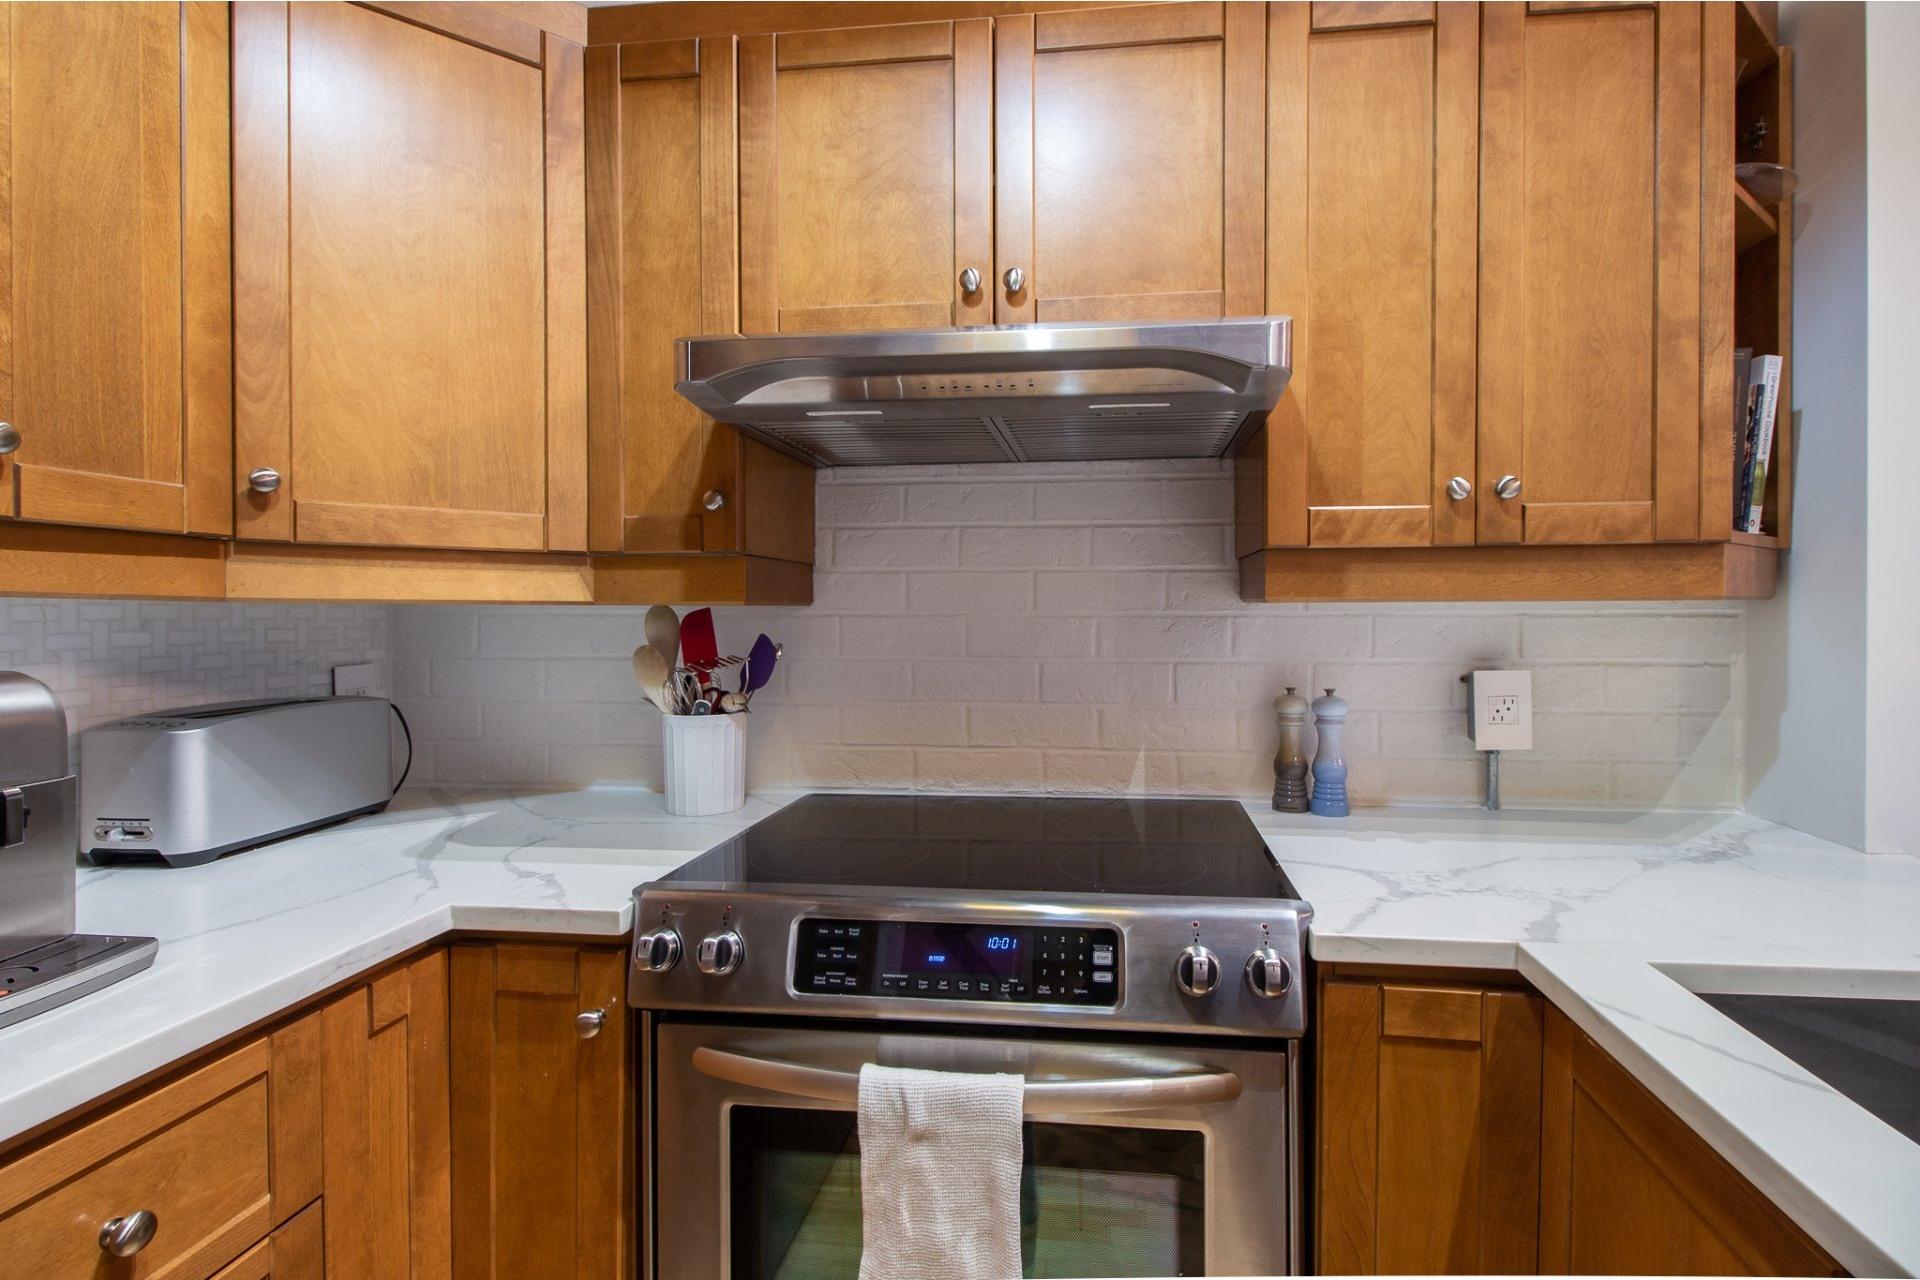 image 7 - Appartement À vendre Le Sud-Ouest Montréal  - 3 pièces